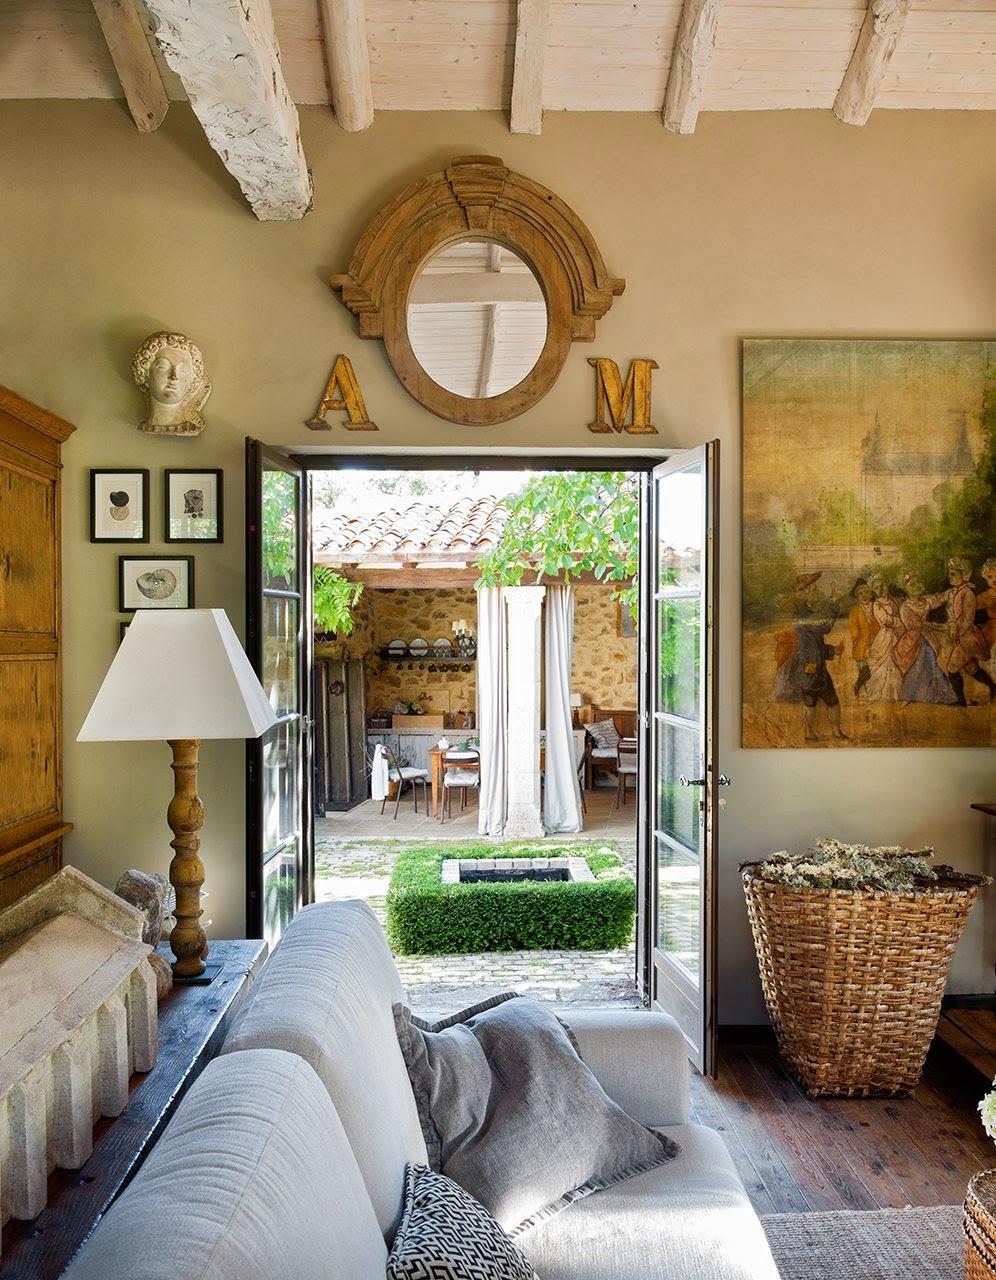 amenajari, interioare, decoratiuni, decor, design interior, stil rustic, reconversie, zid de piatra, living